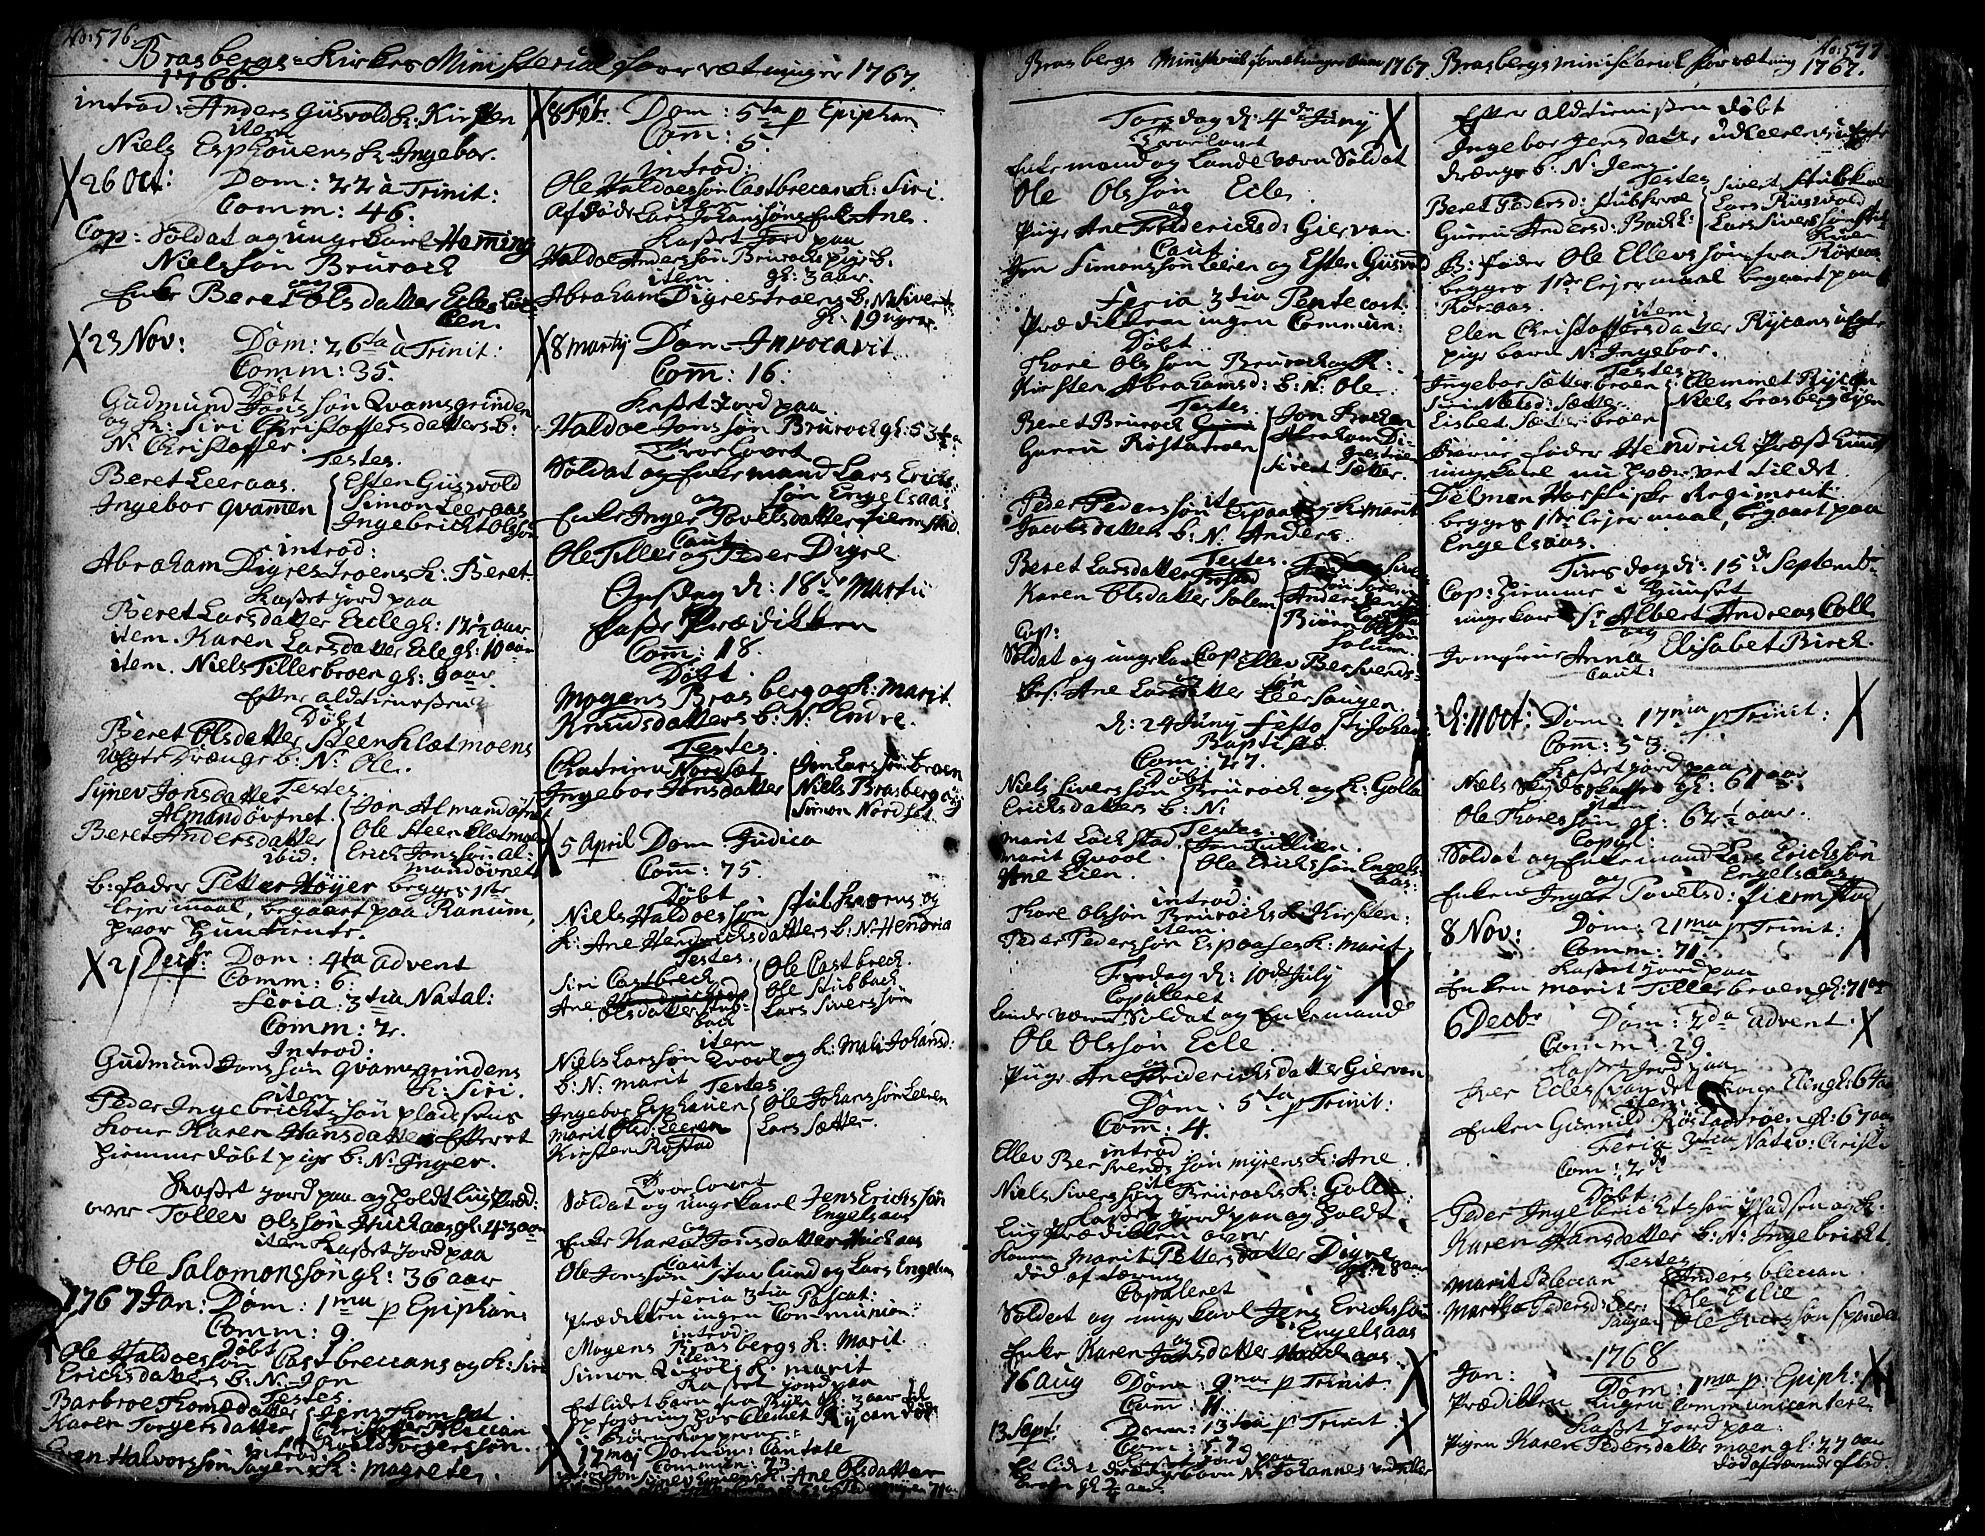 SAT, Ministerialprotokoller, klokkerbøker og fødselsregistre - Sør-Trøndelag, 606/L0278: Ministerialbok nr. 606A01 /4, 1727-1780, s. 576-577